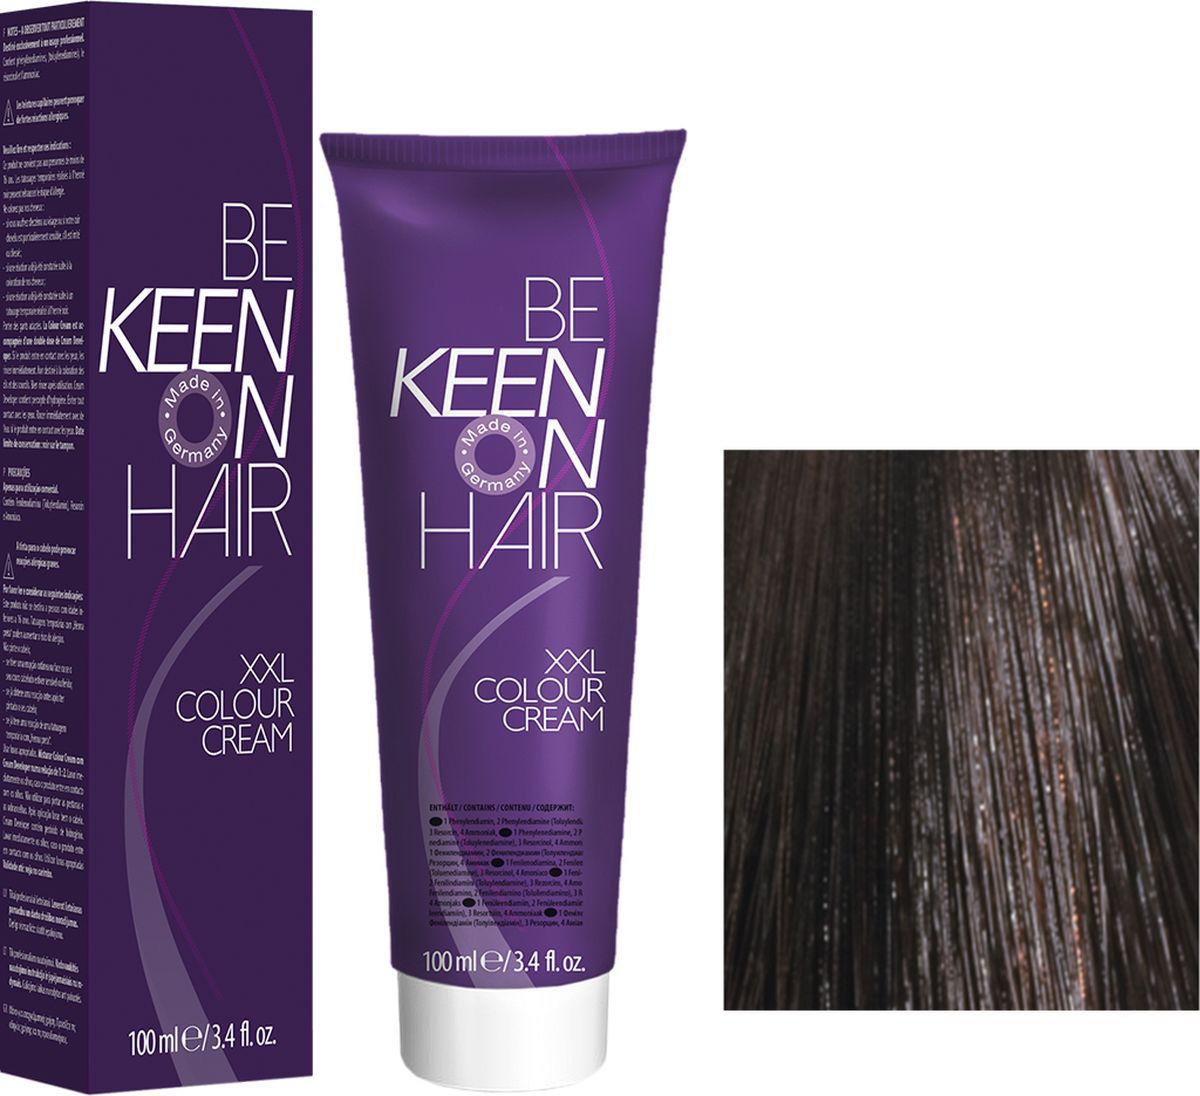 Keen Краска для волос 4.7 Мокко Mokka, 100 мл69100015Модные оттенкиБолее 100 оттенков для креативной комбинации цветов.ЭкономичностьПри использовании тюбика 100 мл вы получаете оптимальное соотношение цены и качества!УходМолочный белок поддерживает структуру волоса во время окрашивания и придает волосам блеск и шелковистость. Протеины хорошо встраиваются в волосы и снабжают их влагой.